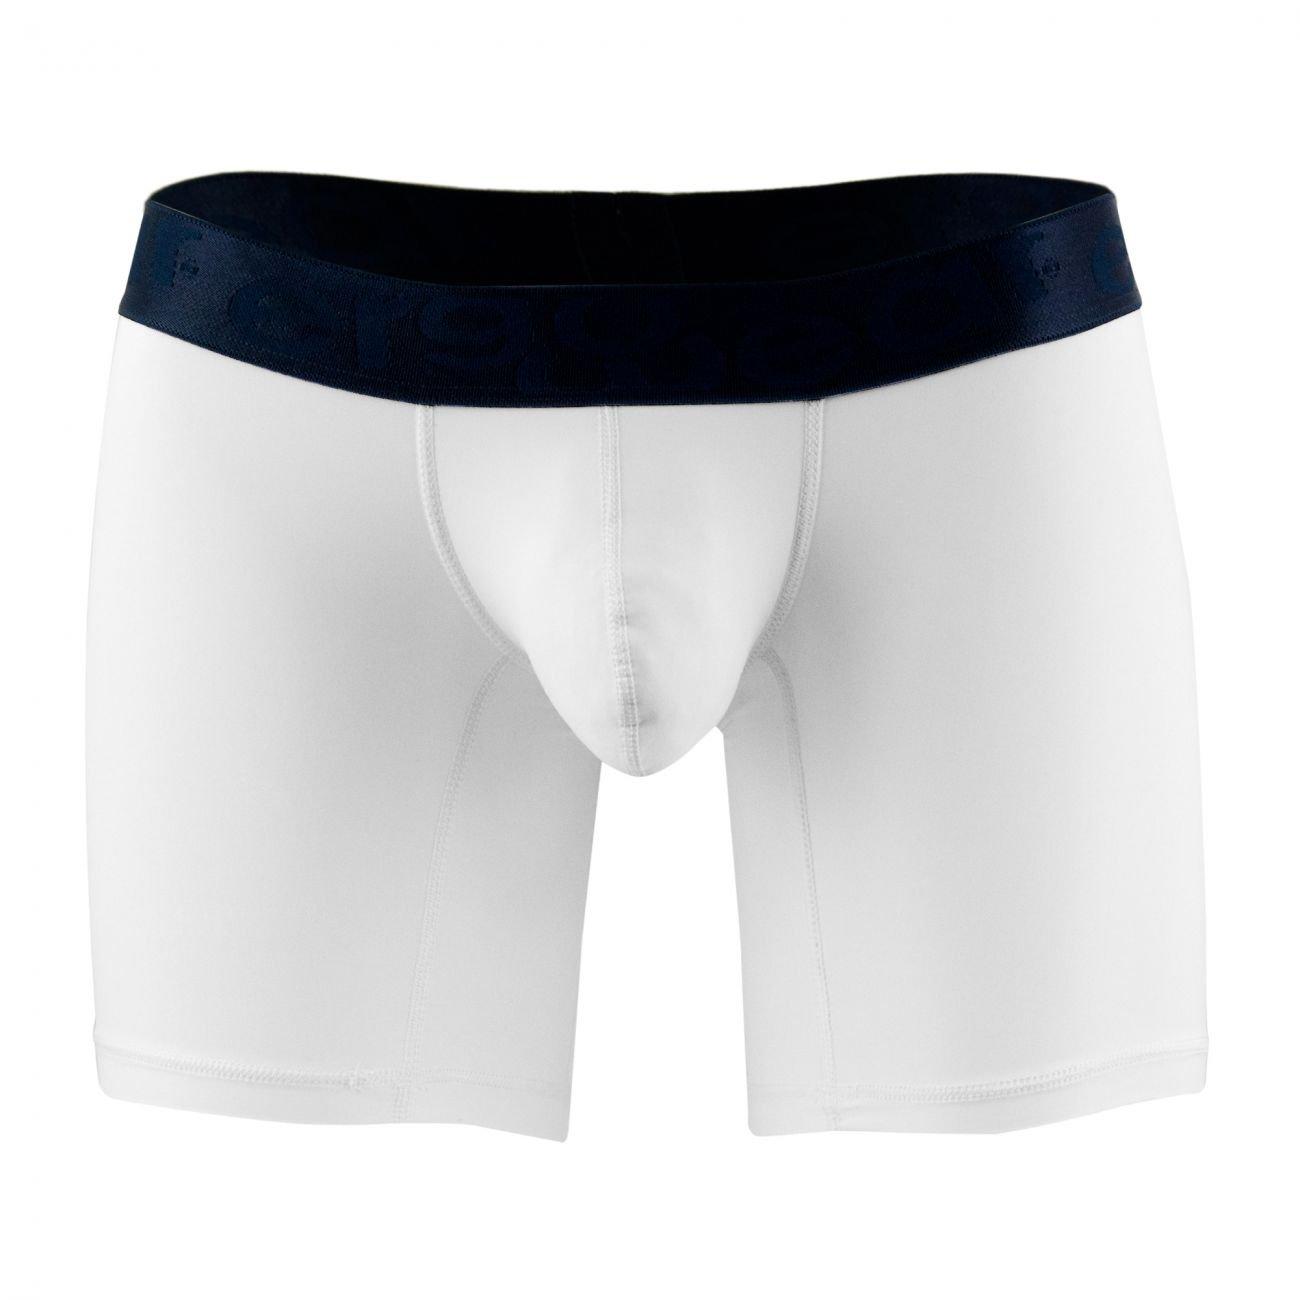 ErgoWear Mens Underwear Boxer Briefs Trunks